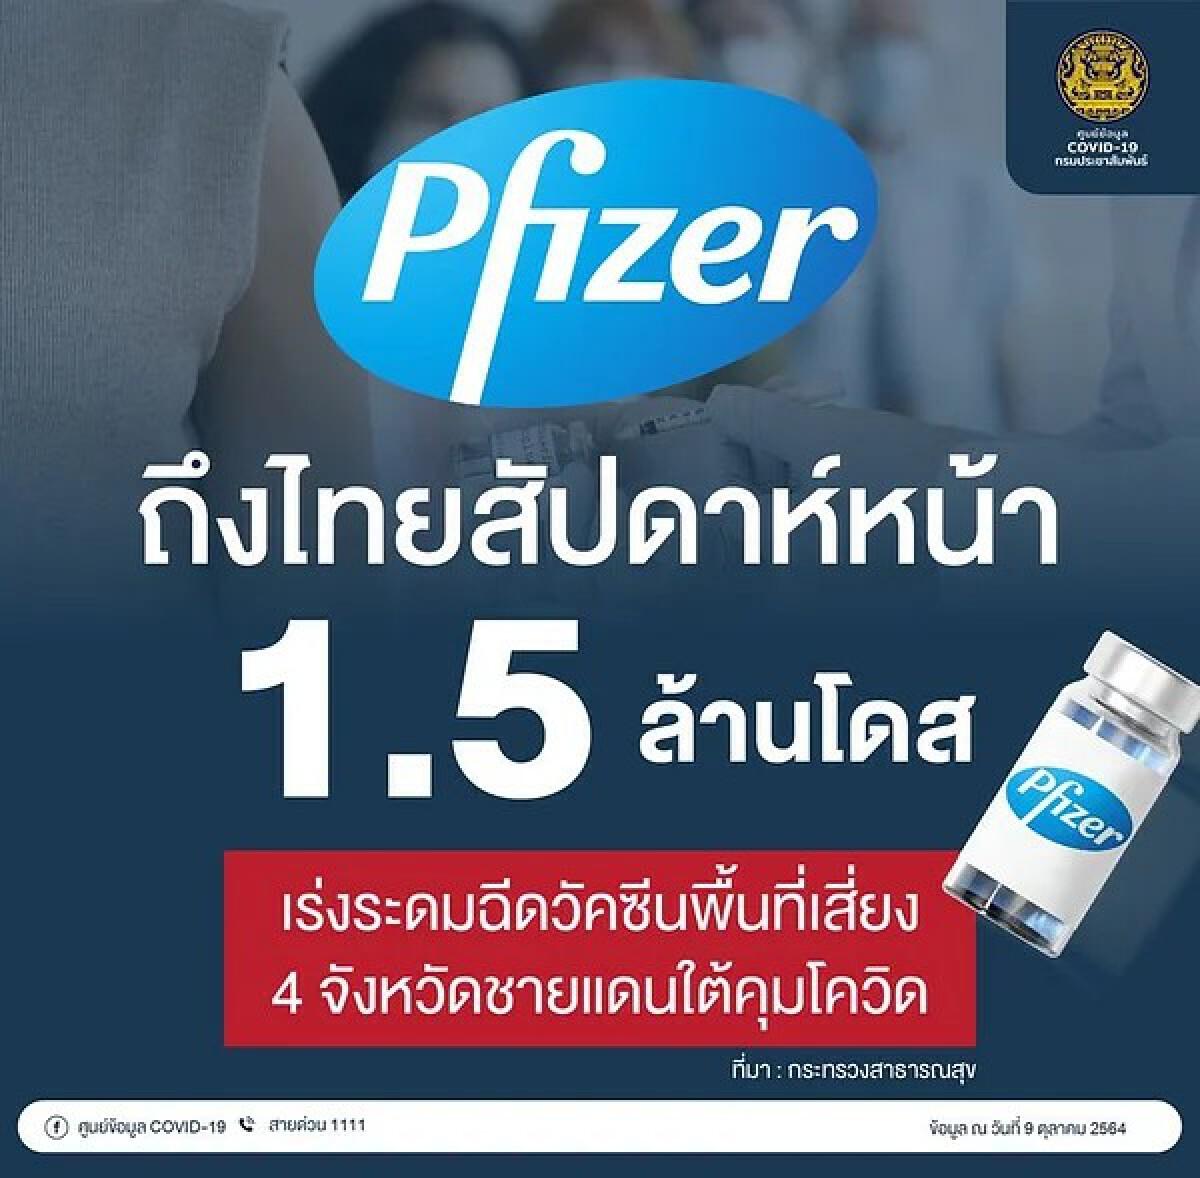 วัคซีนไฟเซอร์ ถึงไทยสัปดาห์หน้า 1.5 ล้านโดส เร่งฉีด 4 จังหวัดชายแดนใต้